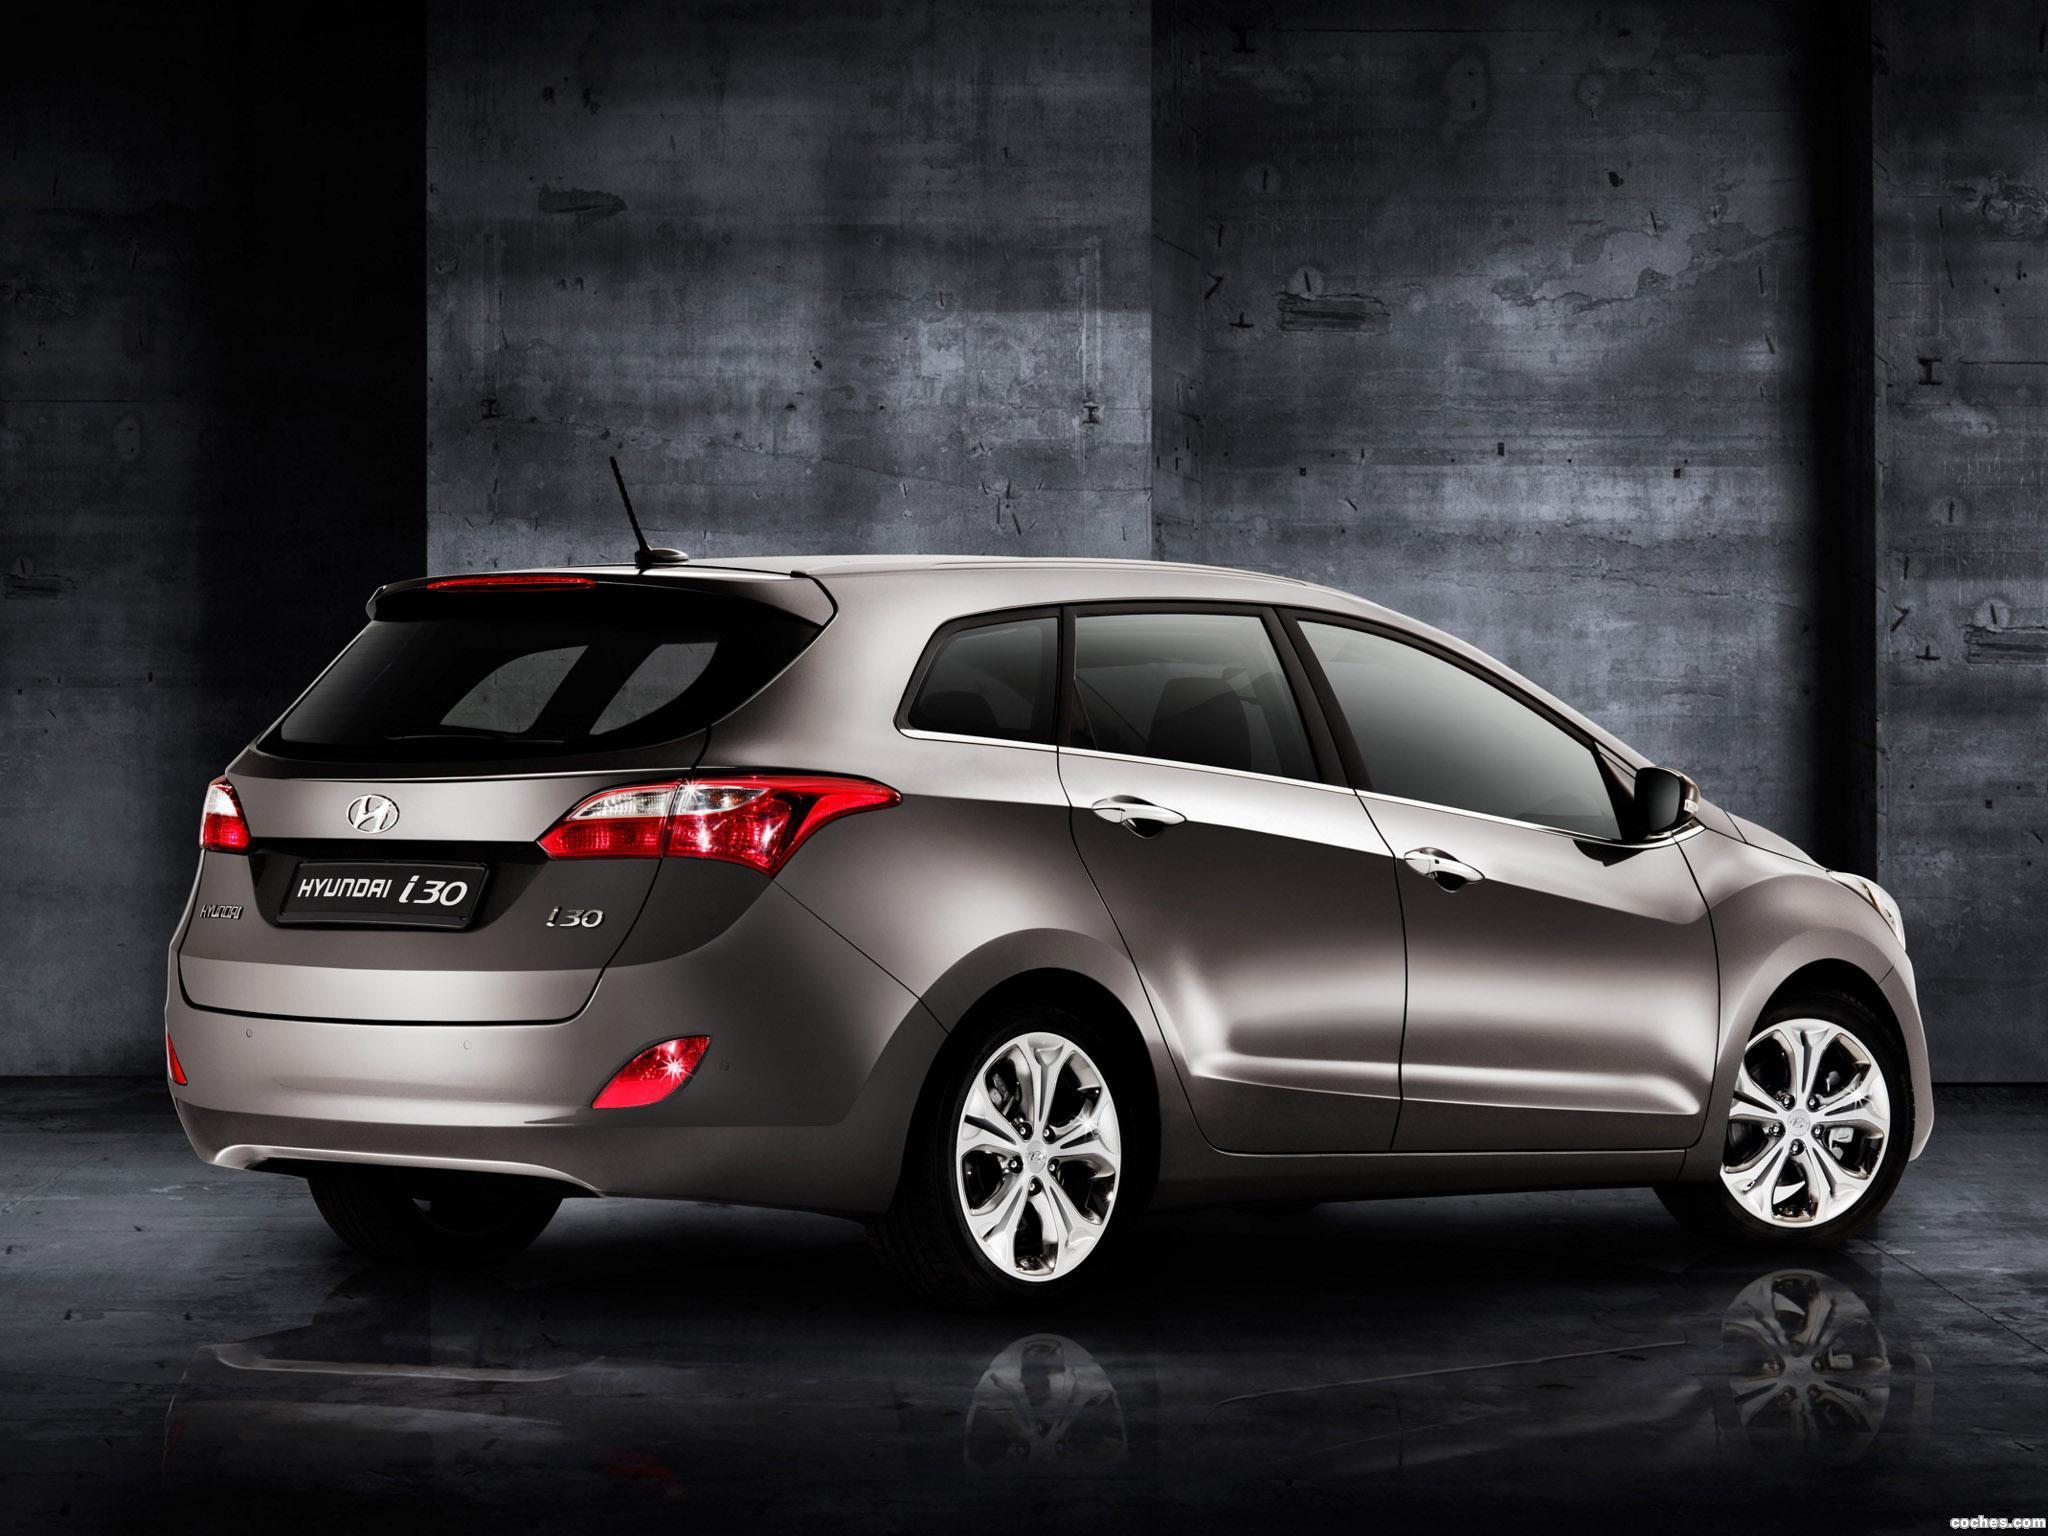 Foto 0 de Hyundai i30 CW 2011